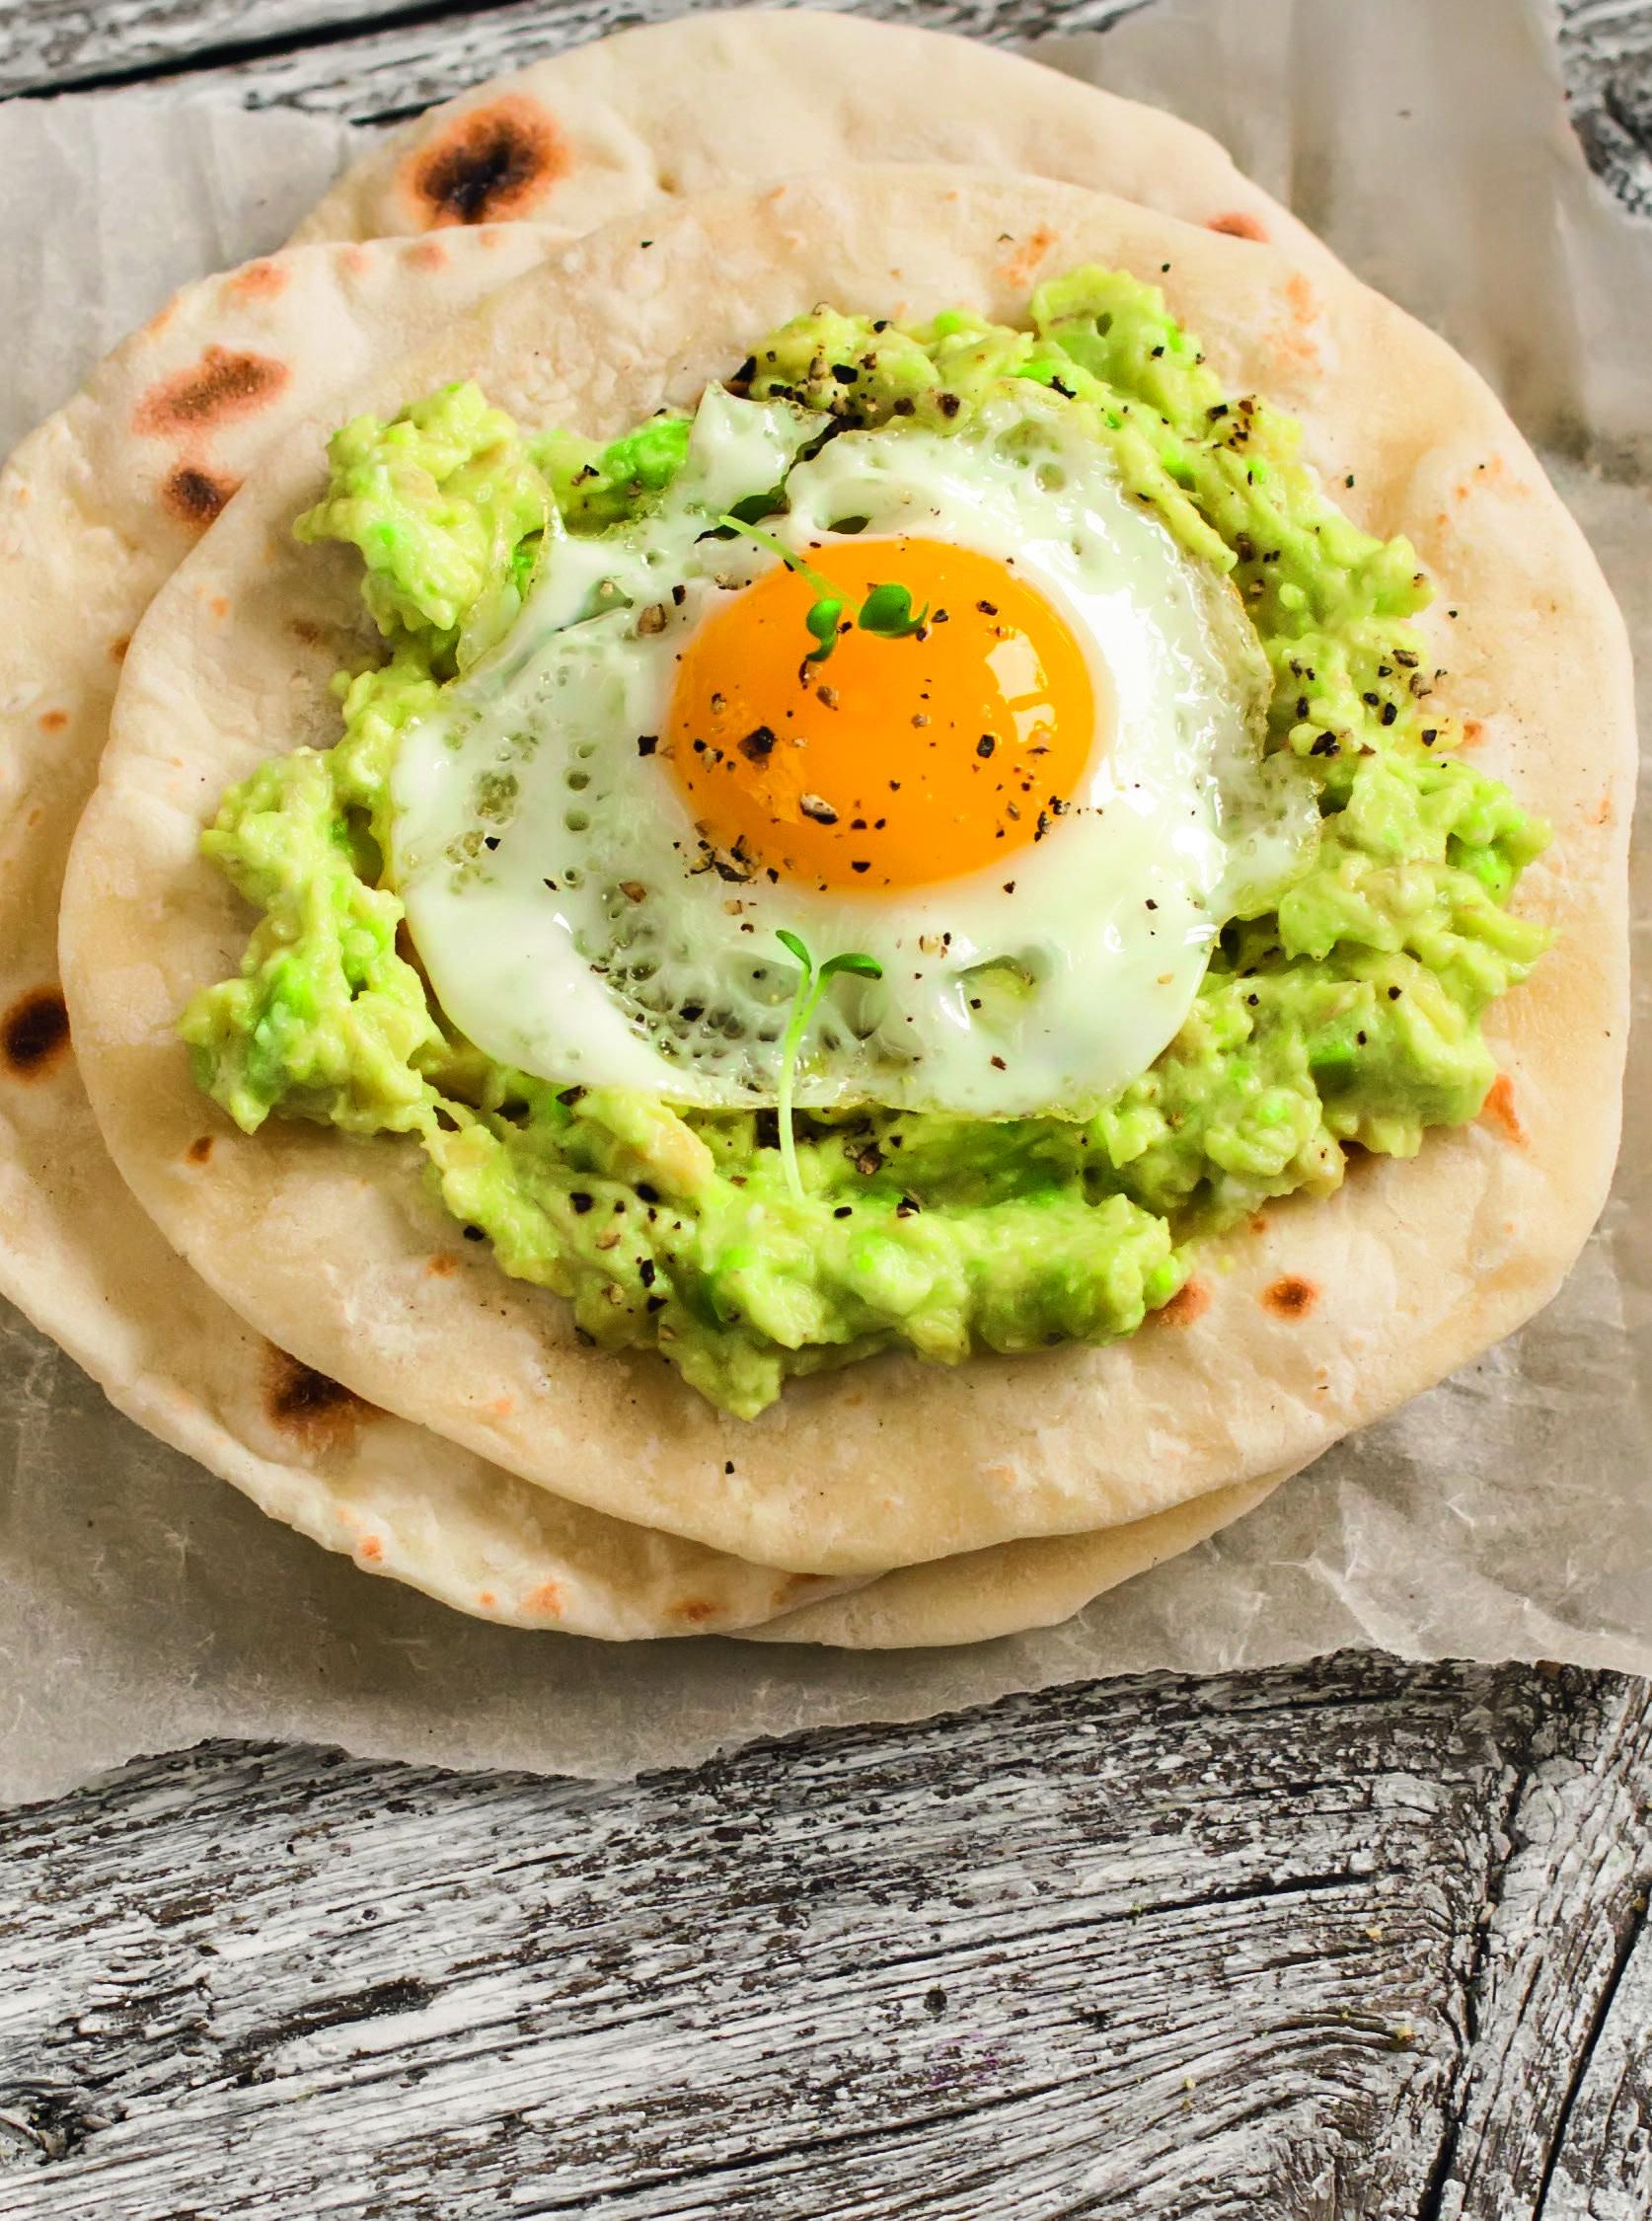 Hum... esse taco com ovo e guacamole está irresistível